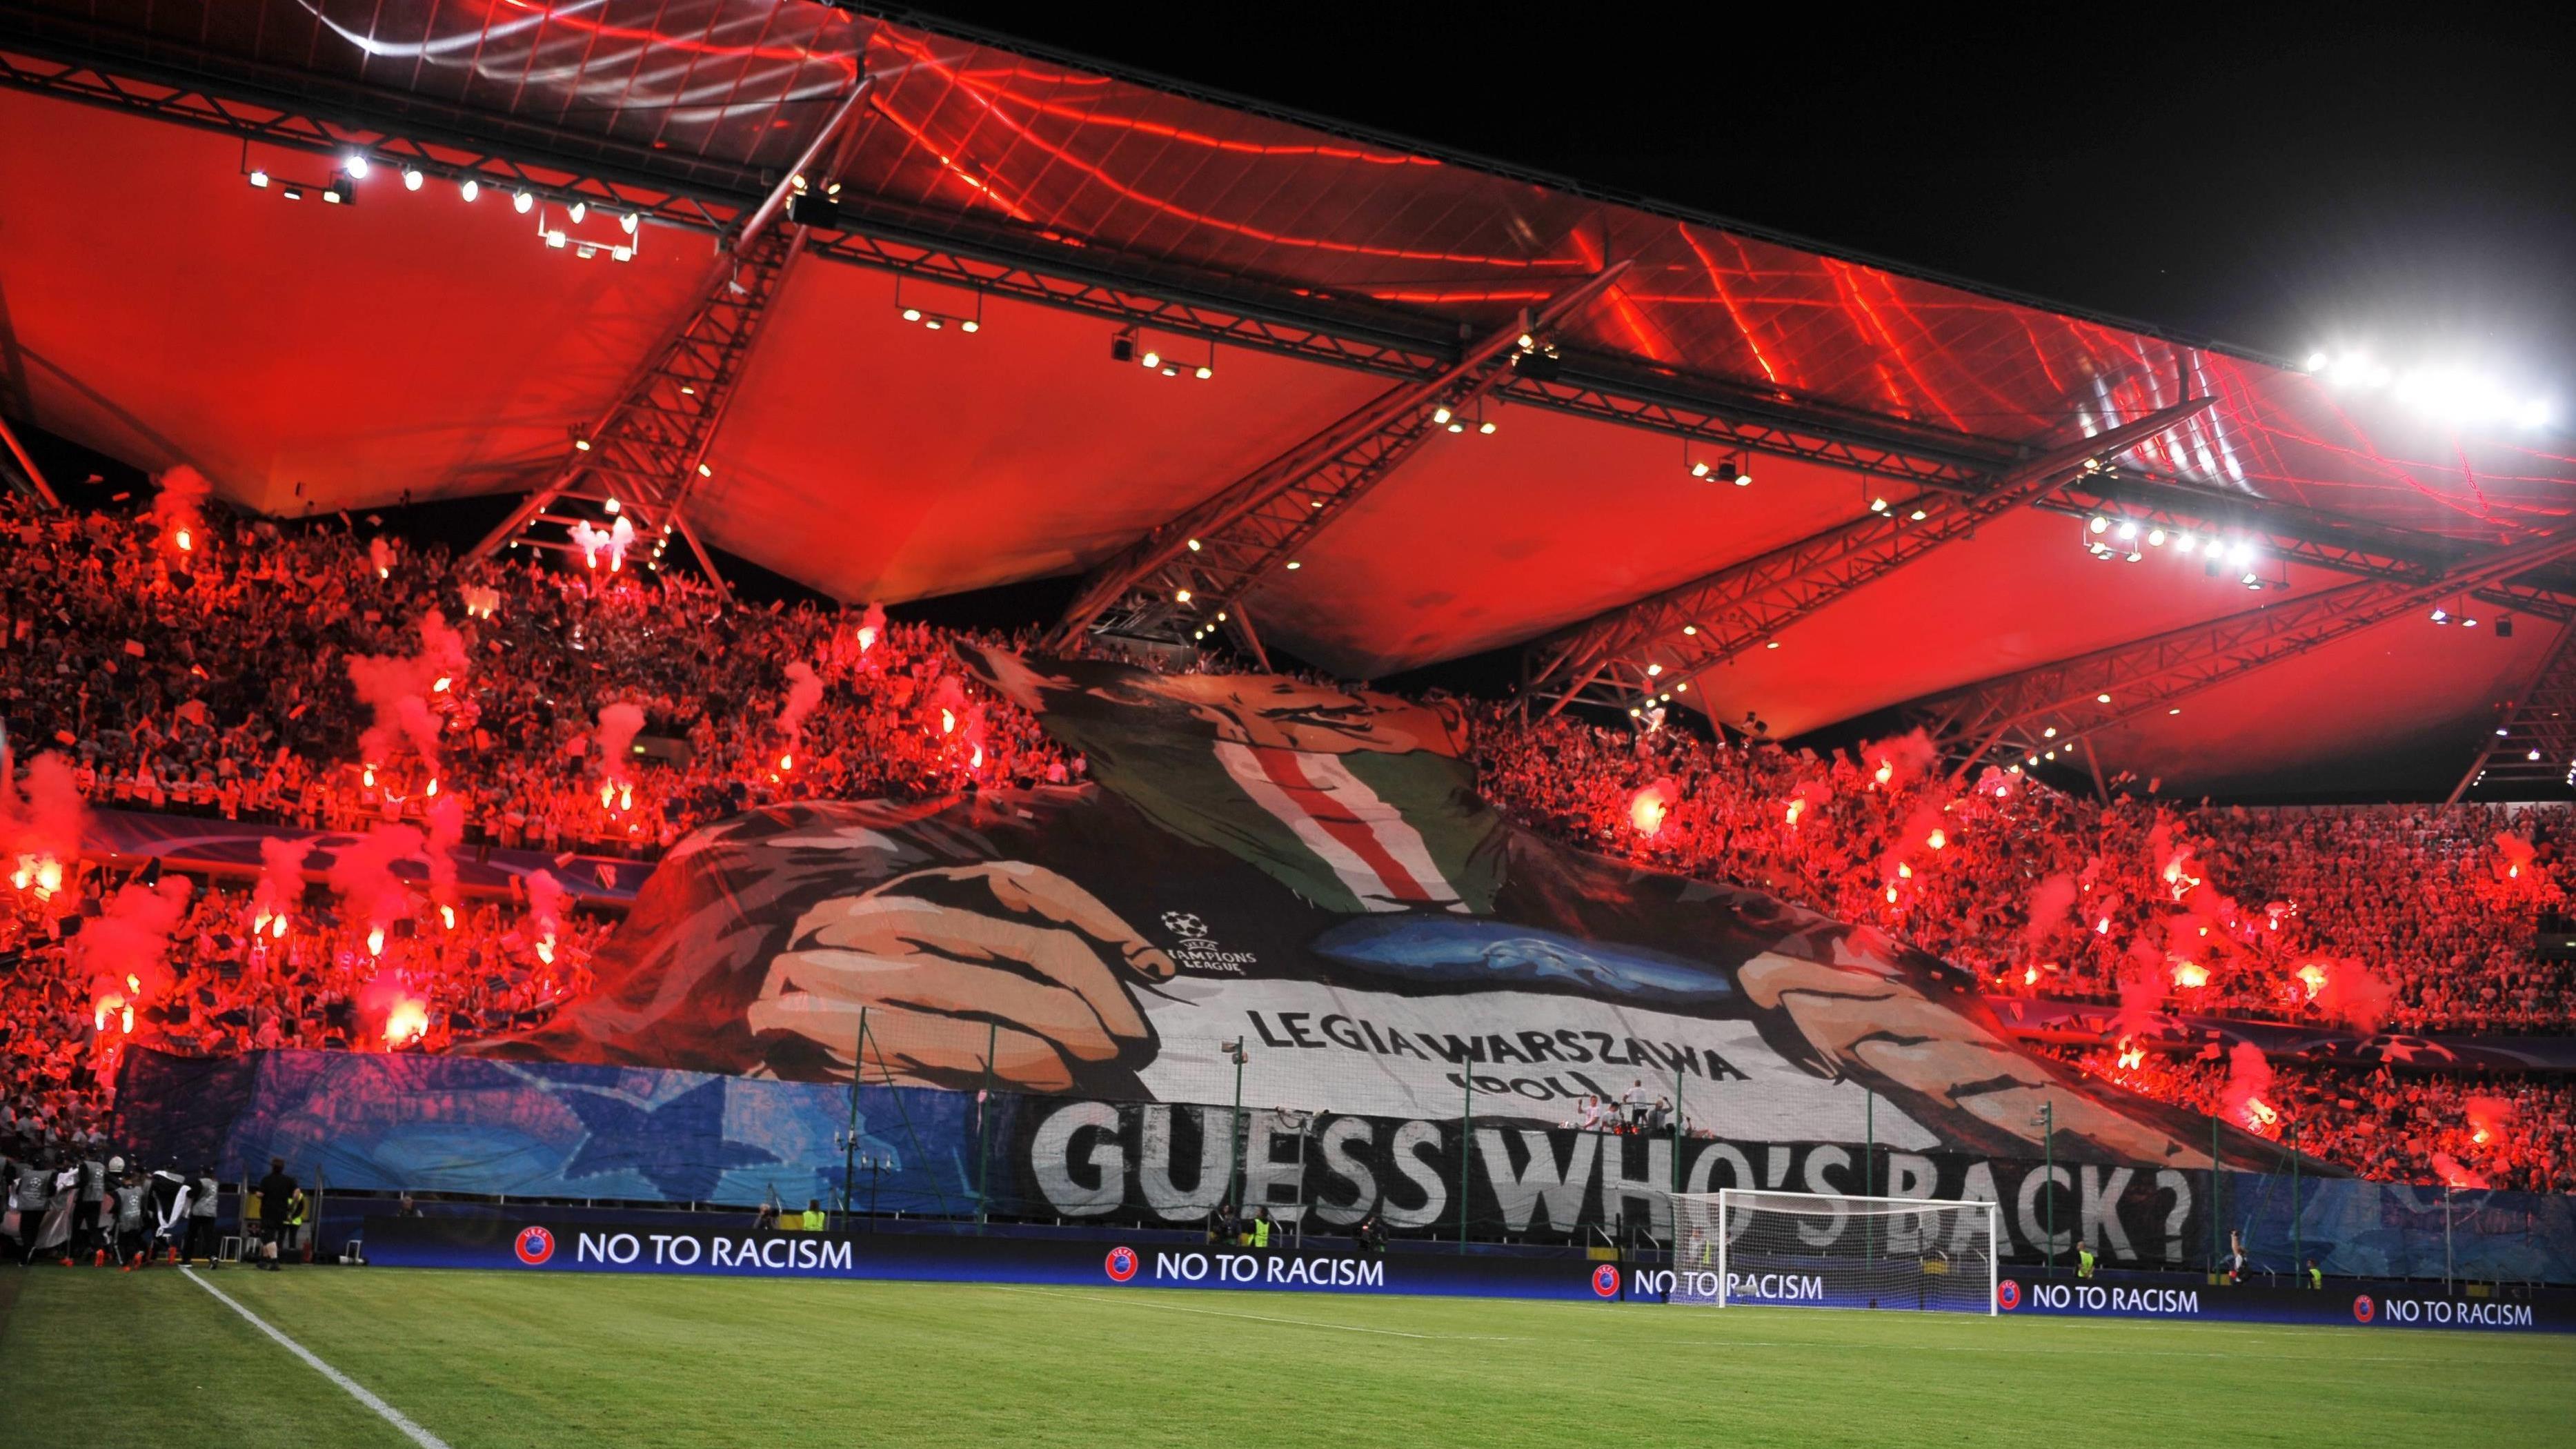 Poważnie UEFA zamknęła stadion na mecz Legii Warszawa z Realem Madryt EZ09